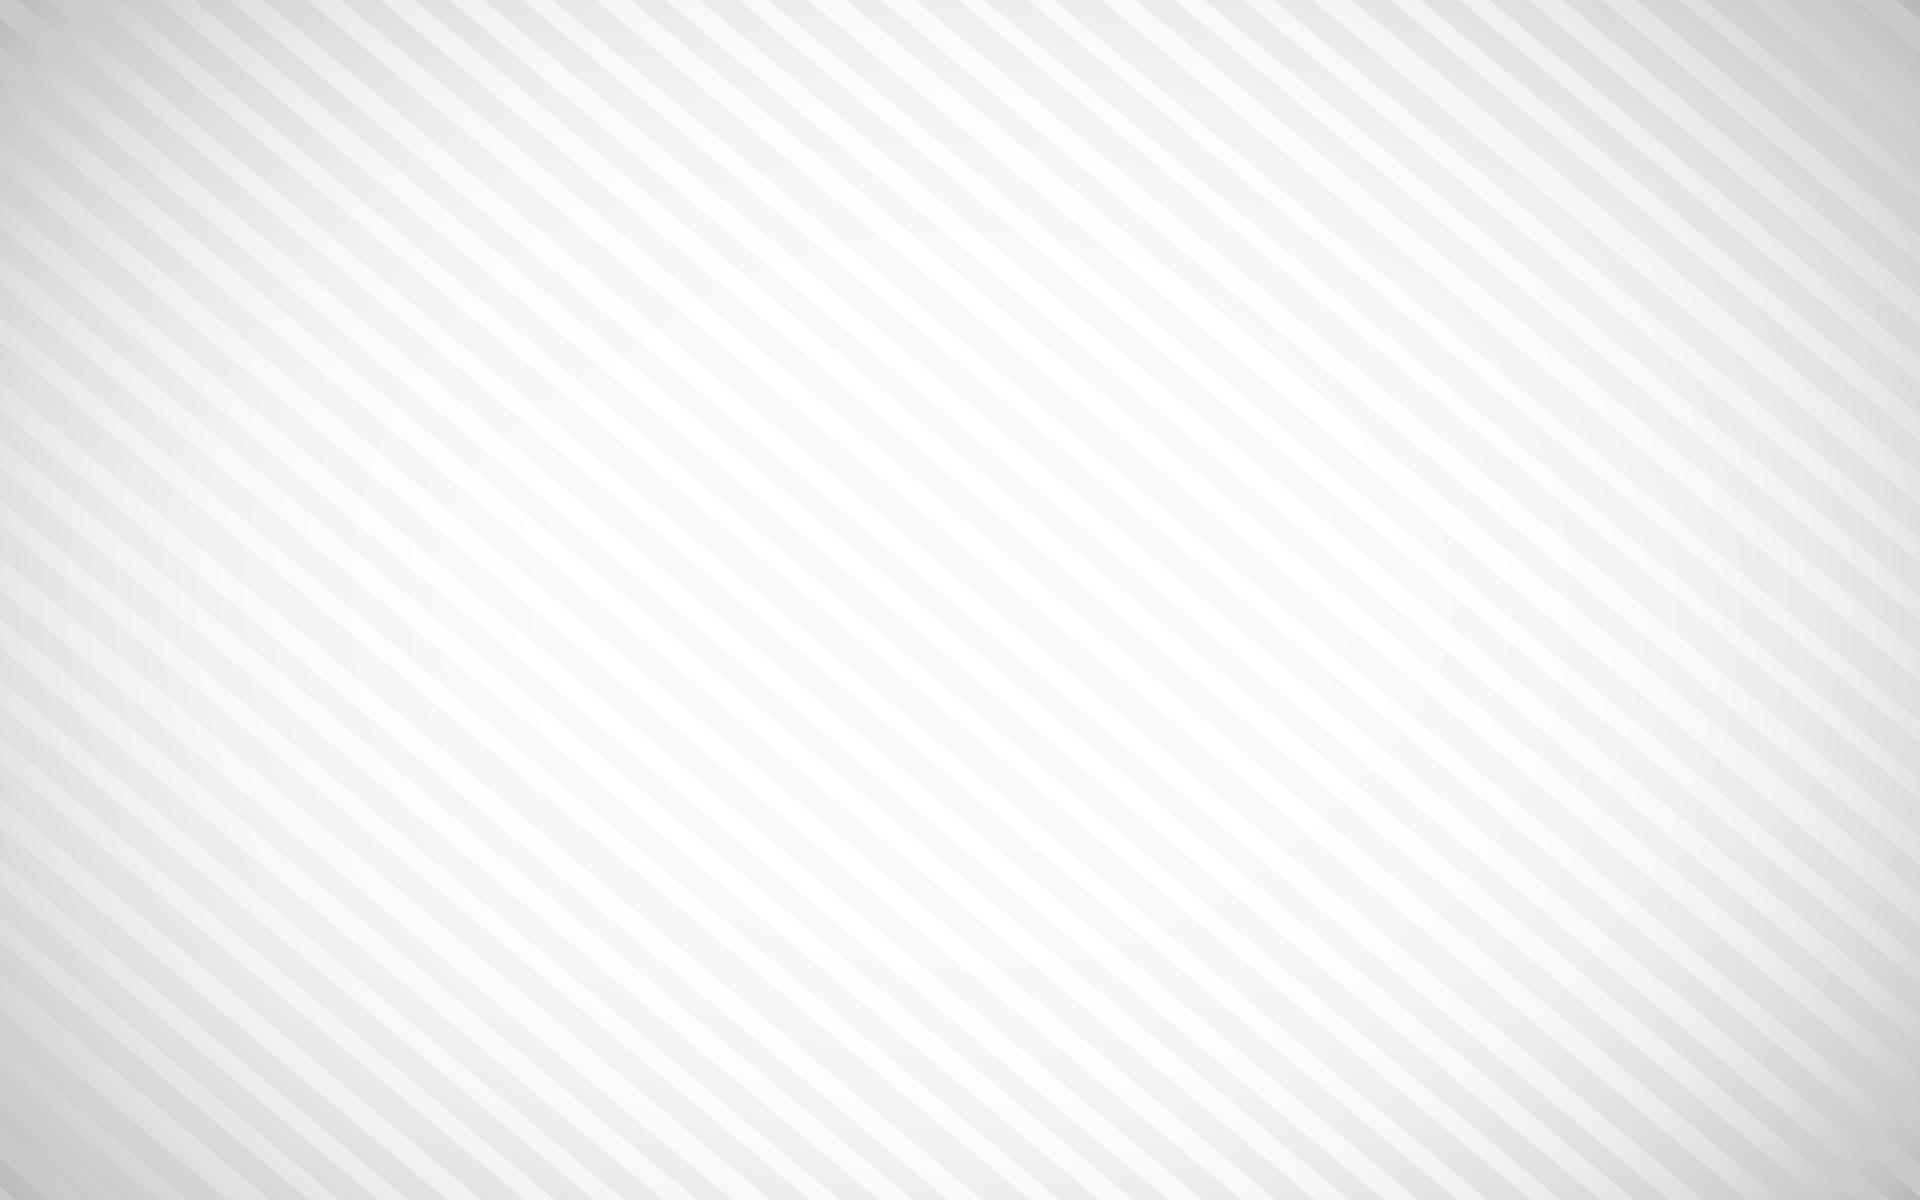 Hình nền trắng đẹp (34)